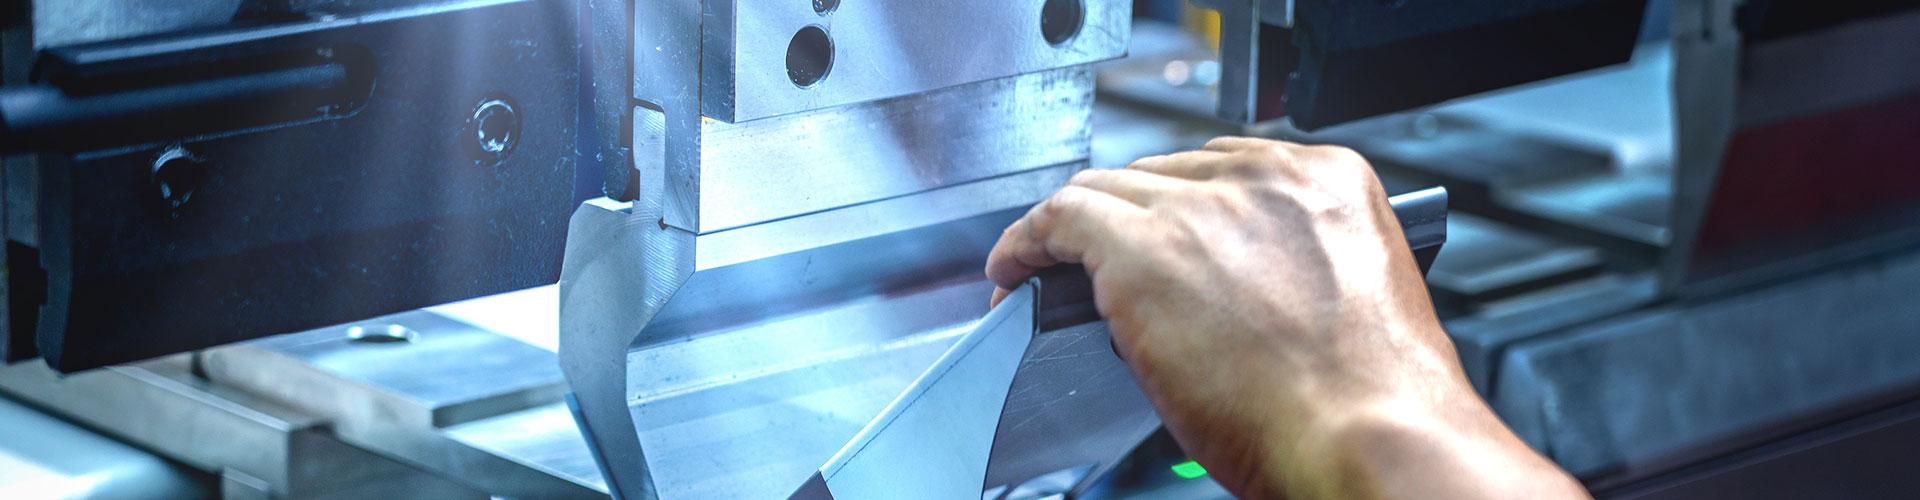 maschinenbau hand bedient maschine